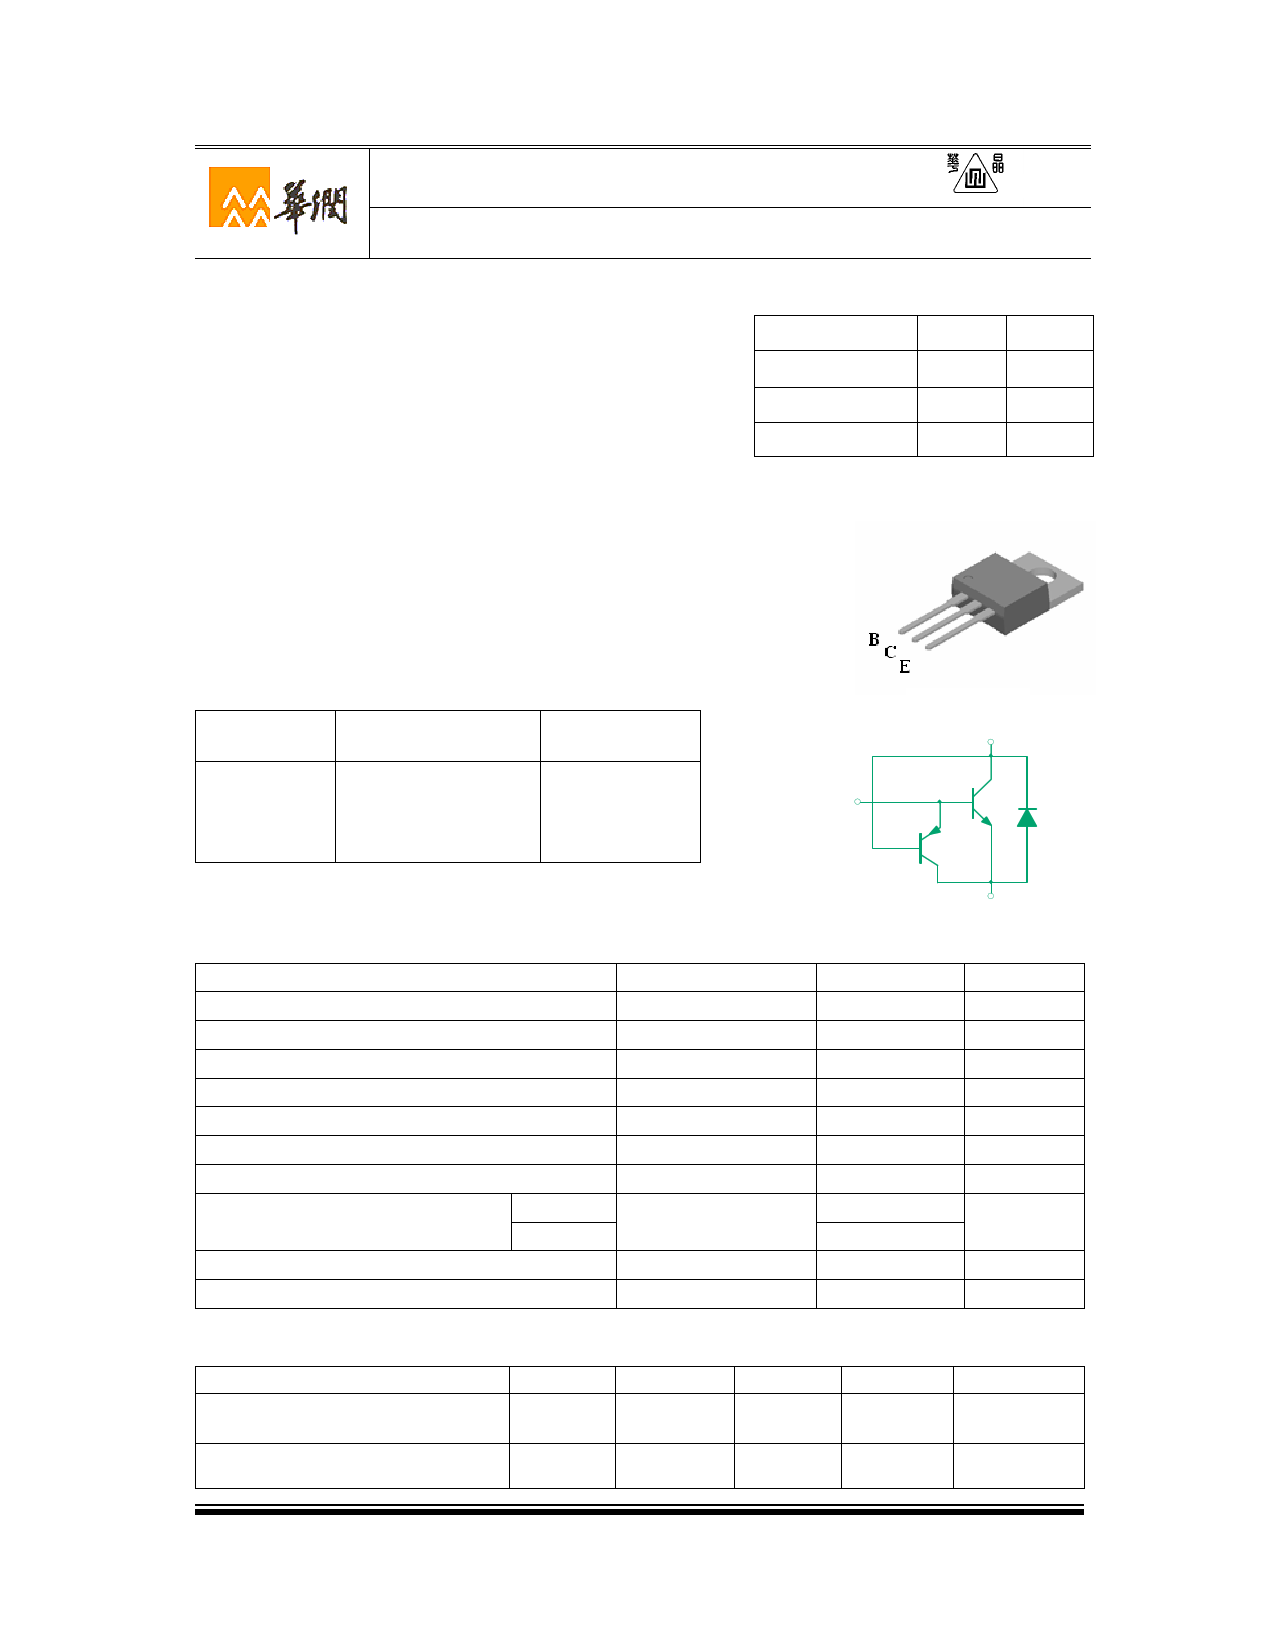 3DD13003H8D Datasheet, 3DD13003H8D PDF,ピン配置, 機能